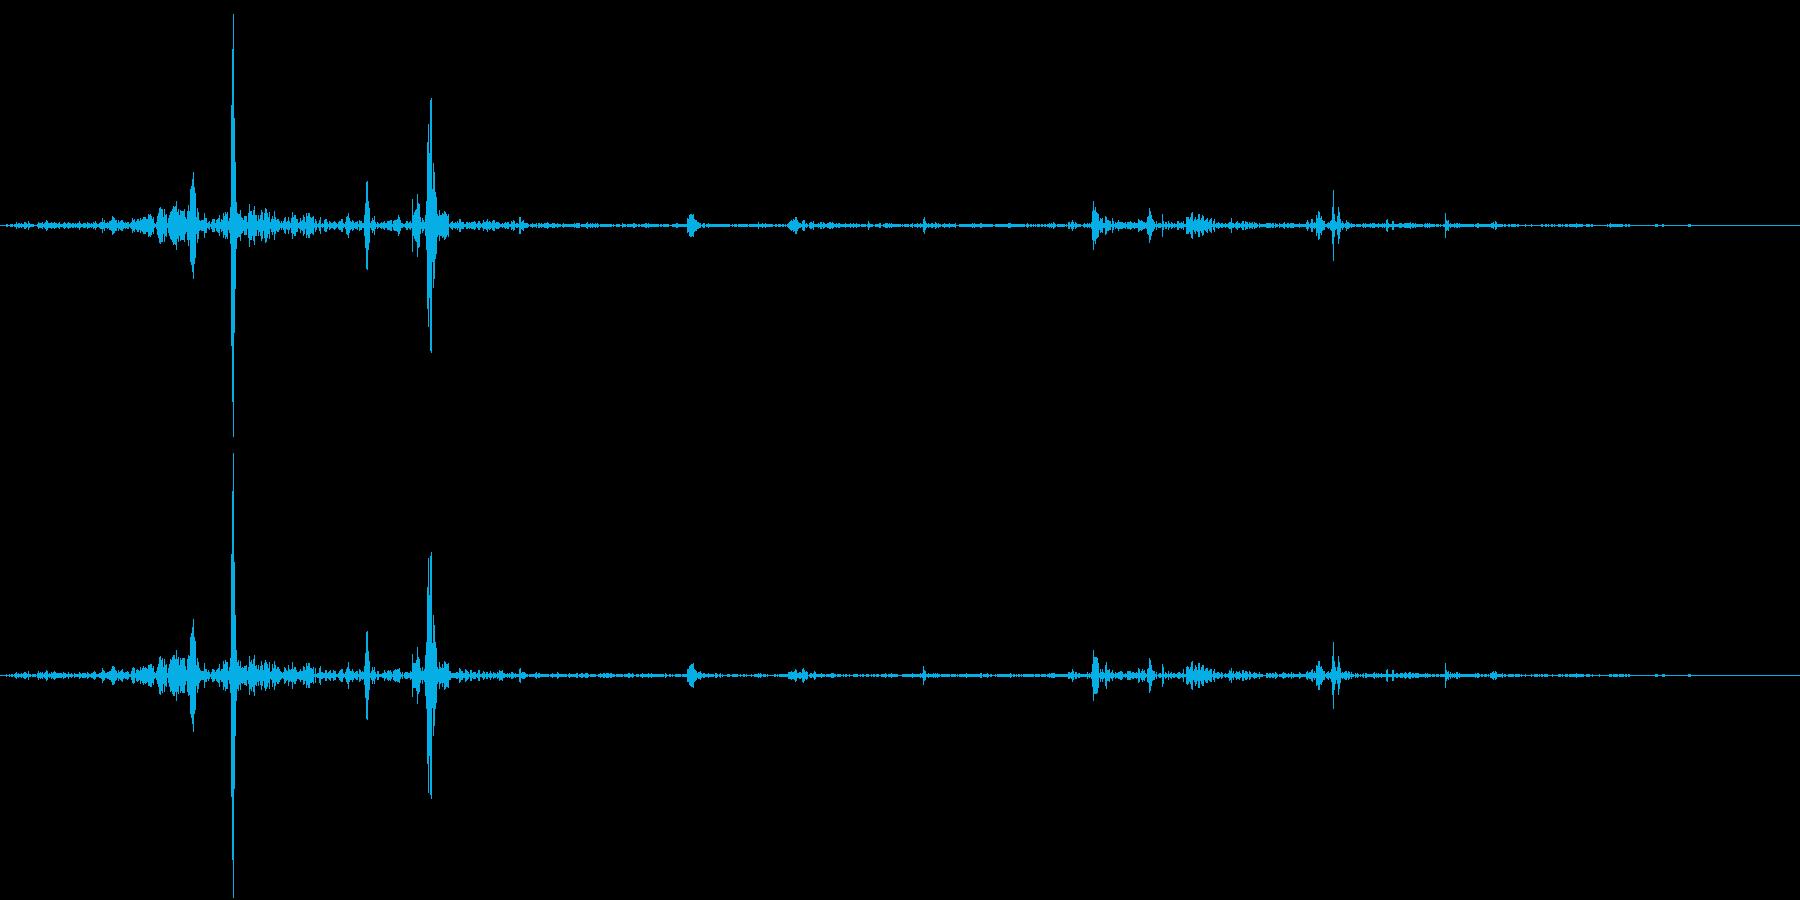 Fish 魚がピチャッと跳ねる音 2の再生済みの波形